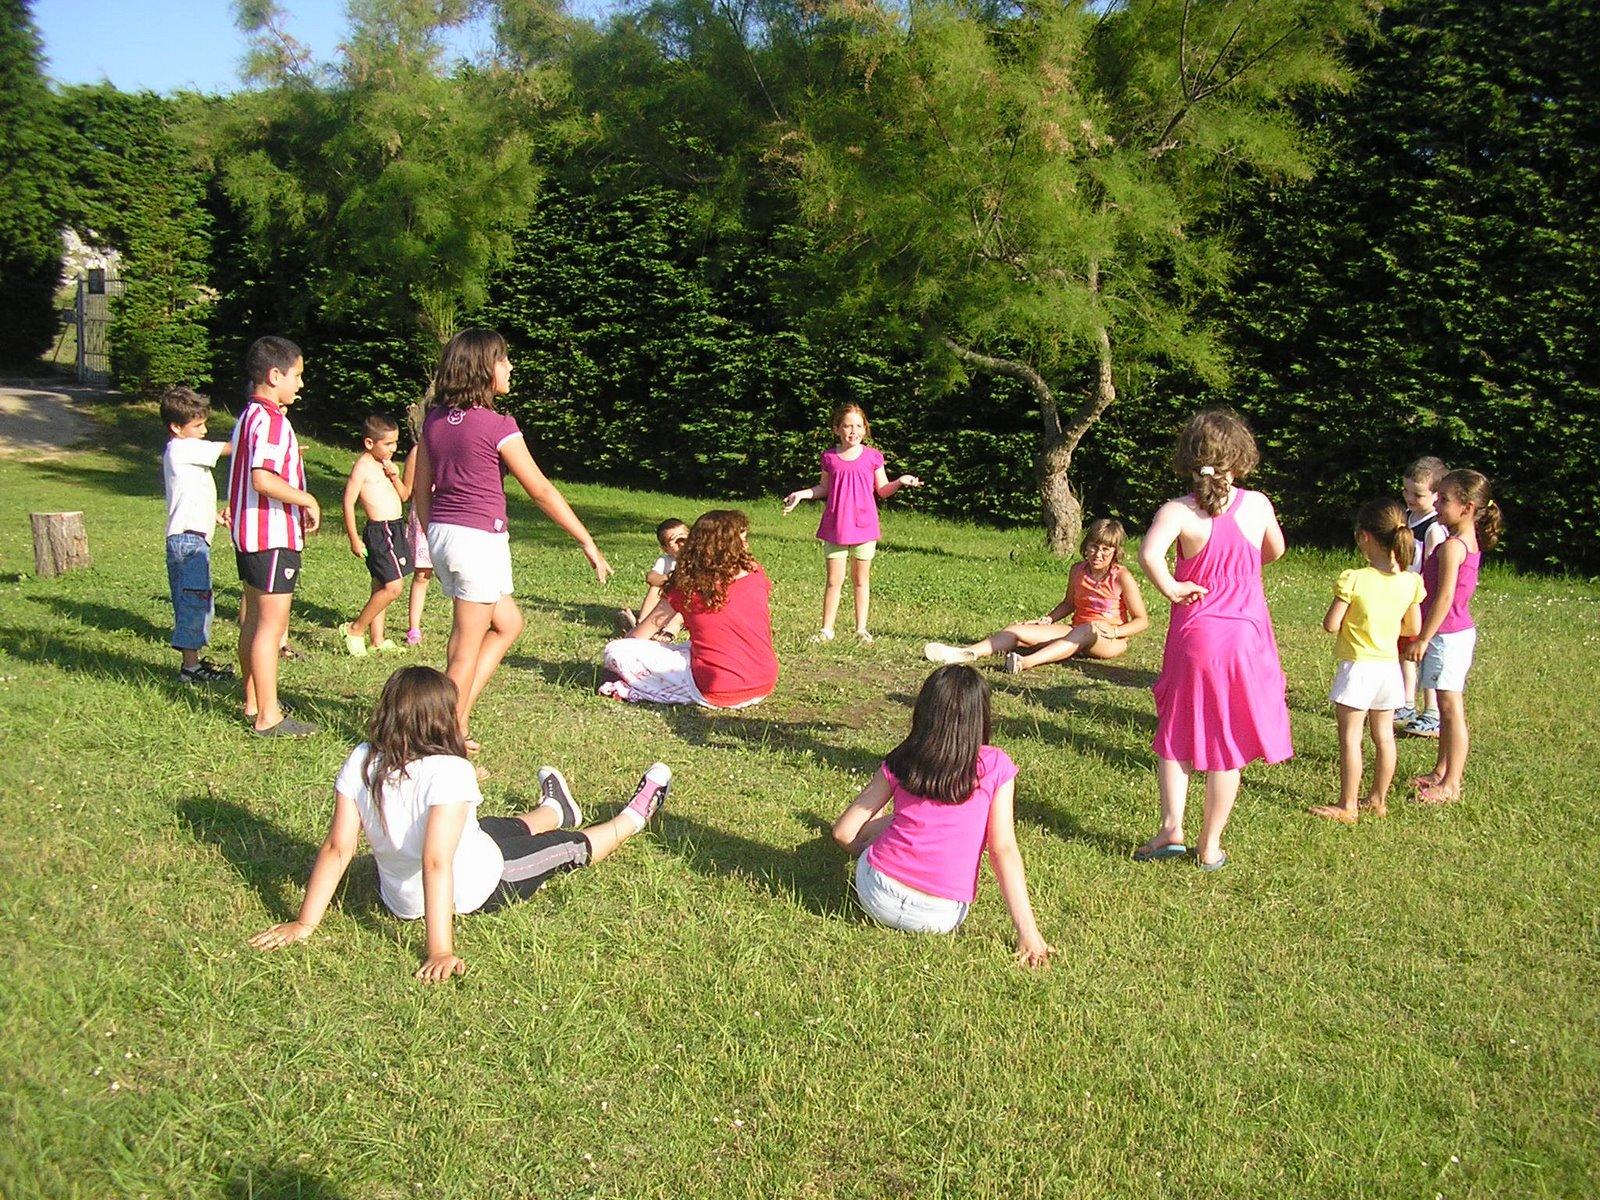 Juegos populares para jugar al aire libre ed kame for Para desarrollar un parque ajardinado